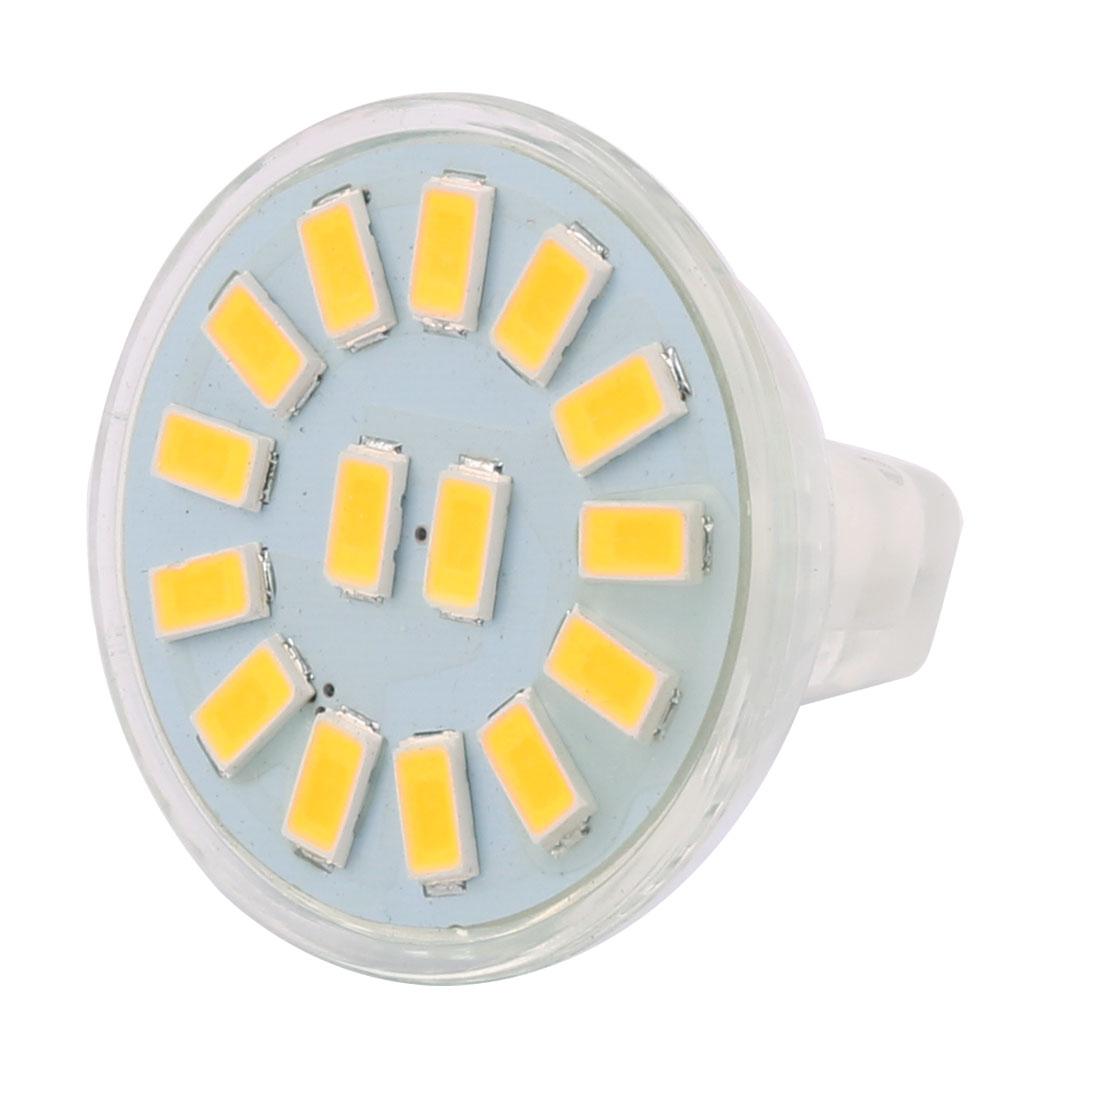 12-30V 5W MR11 5730 SMD 15 LEDs LED Bulb Light Spotlight Lamp Lighting Cool White